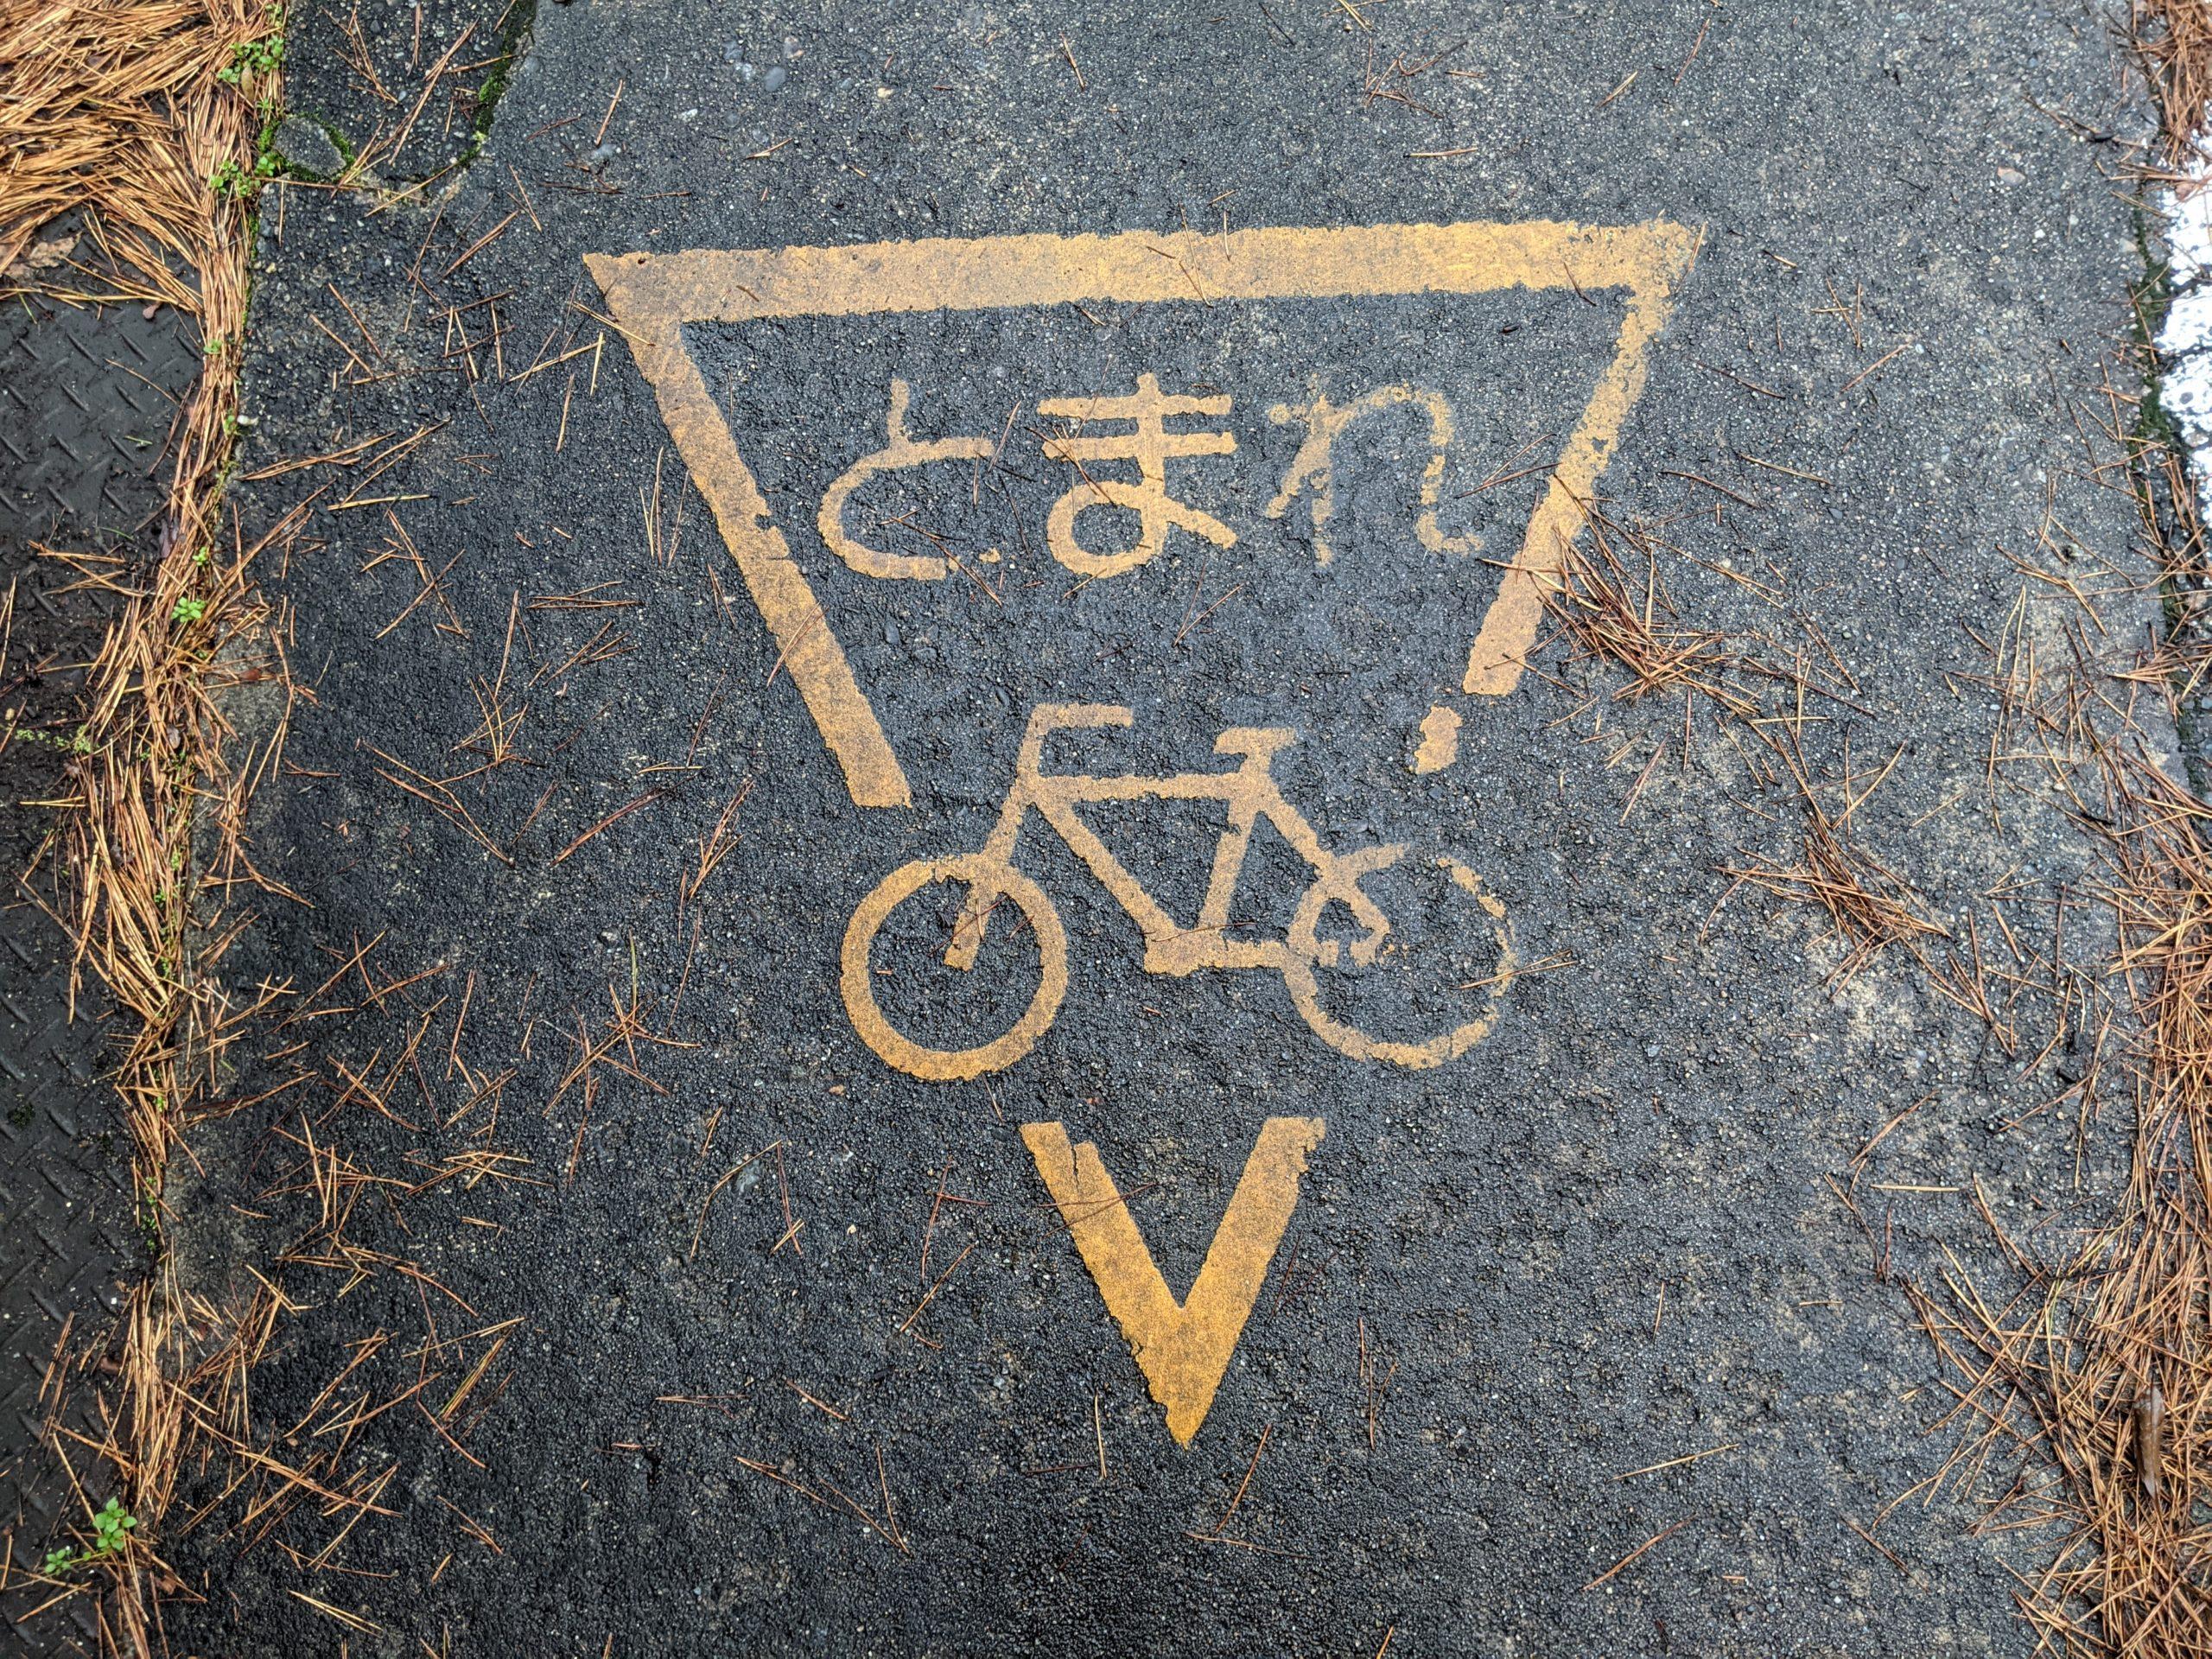 道路標識 止まれ